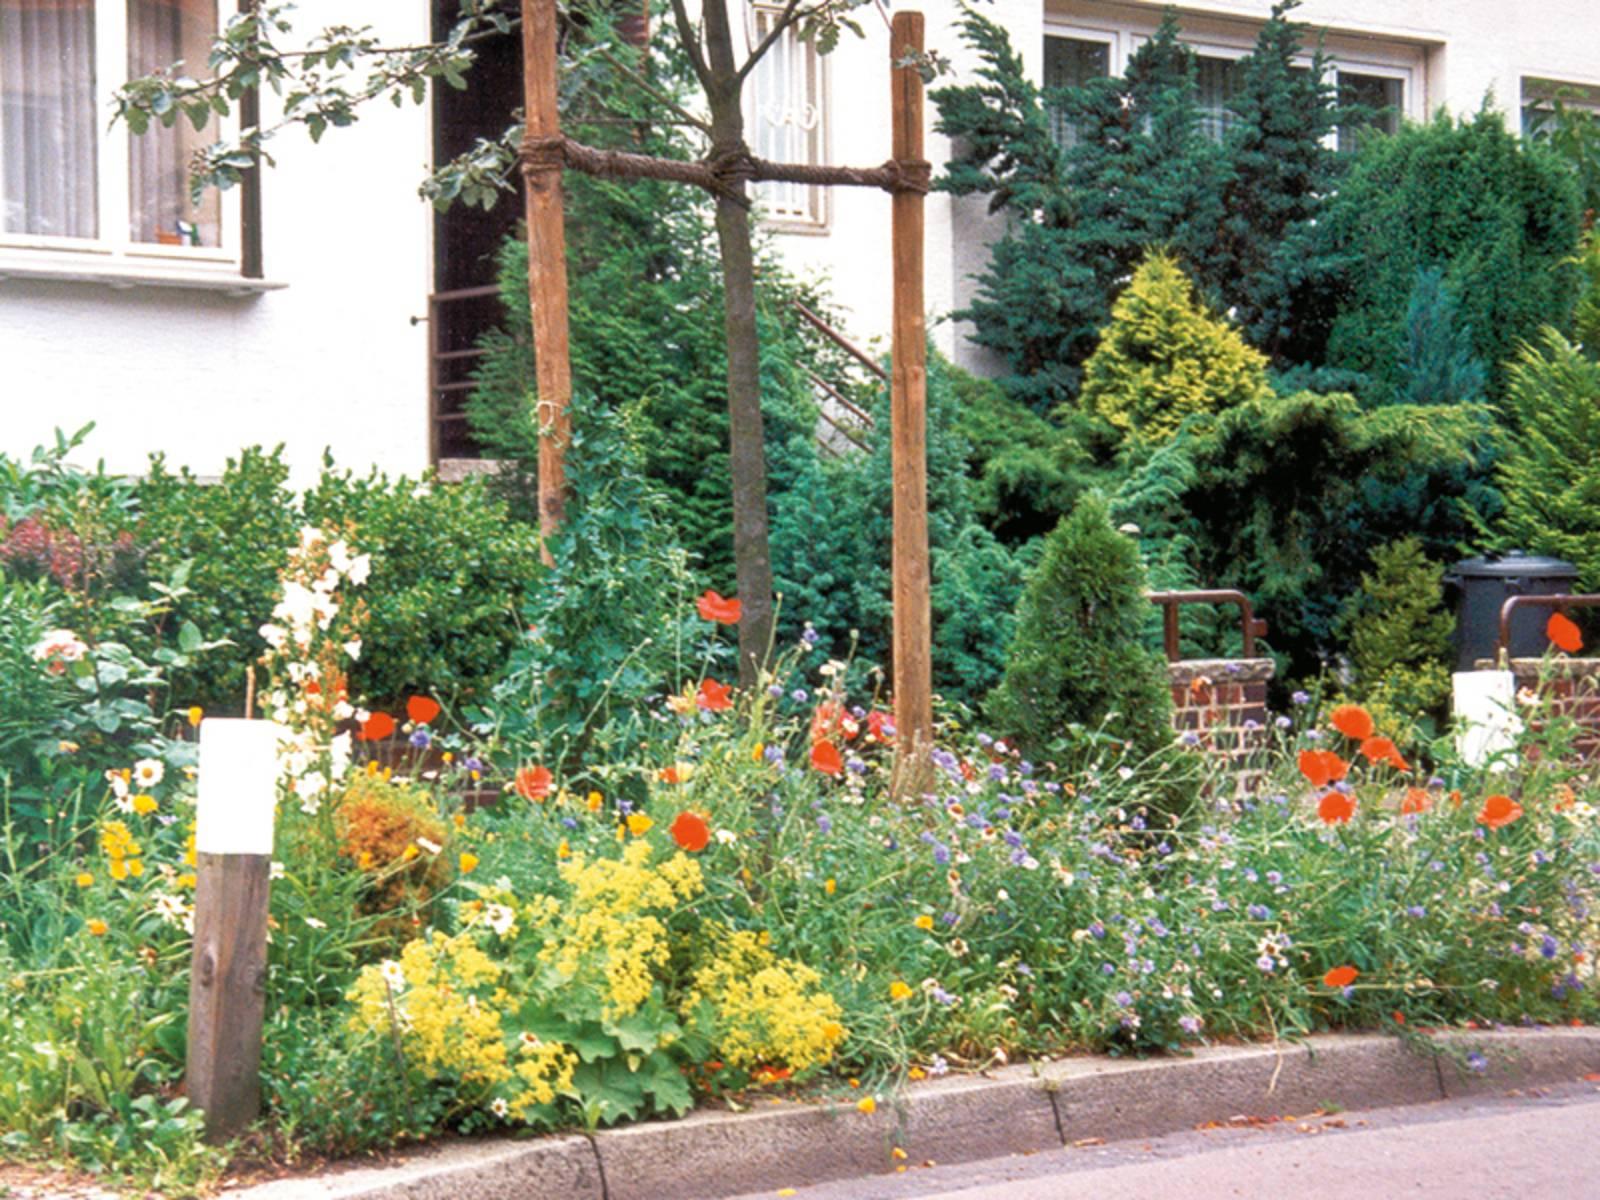 Ein mit Blumen und Bäumen bestückter Vorgarten